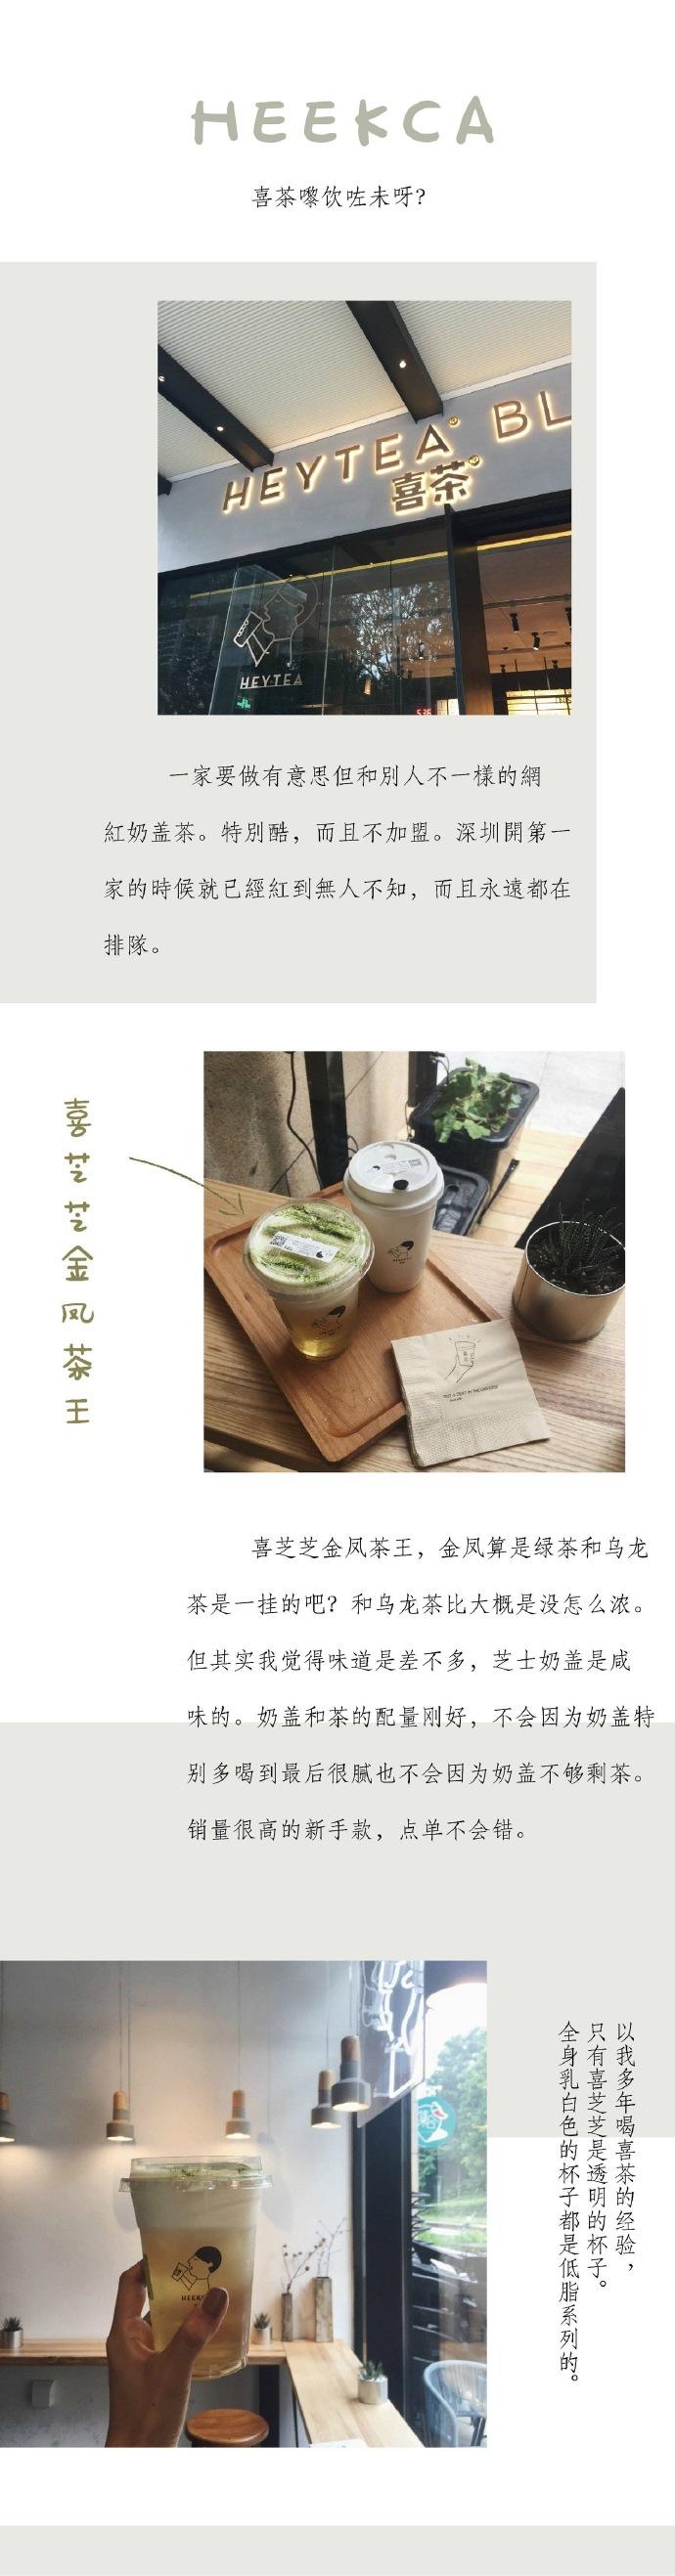 喜茶上海门店价目单及单品推荐(图)